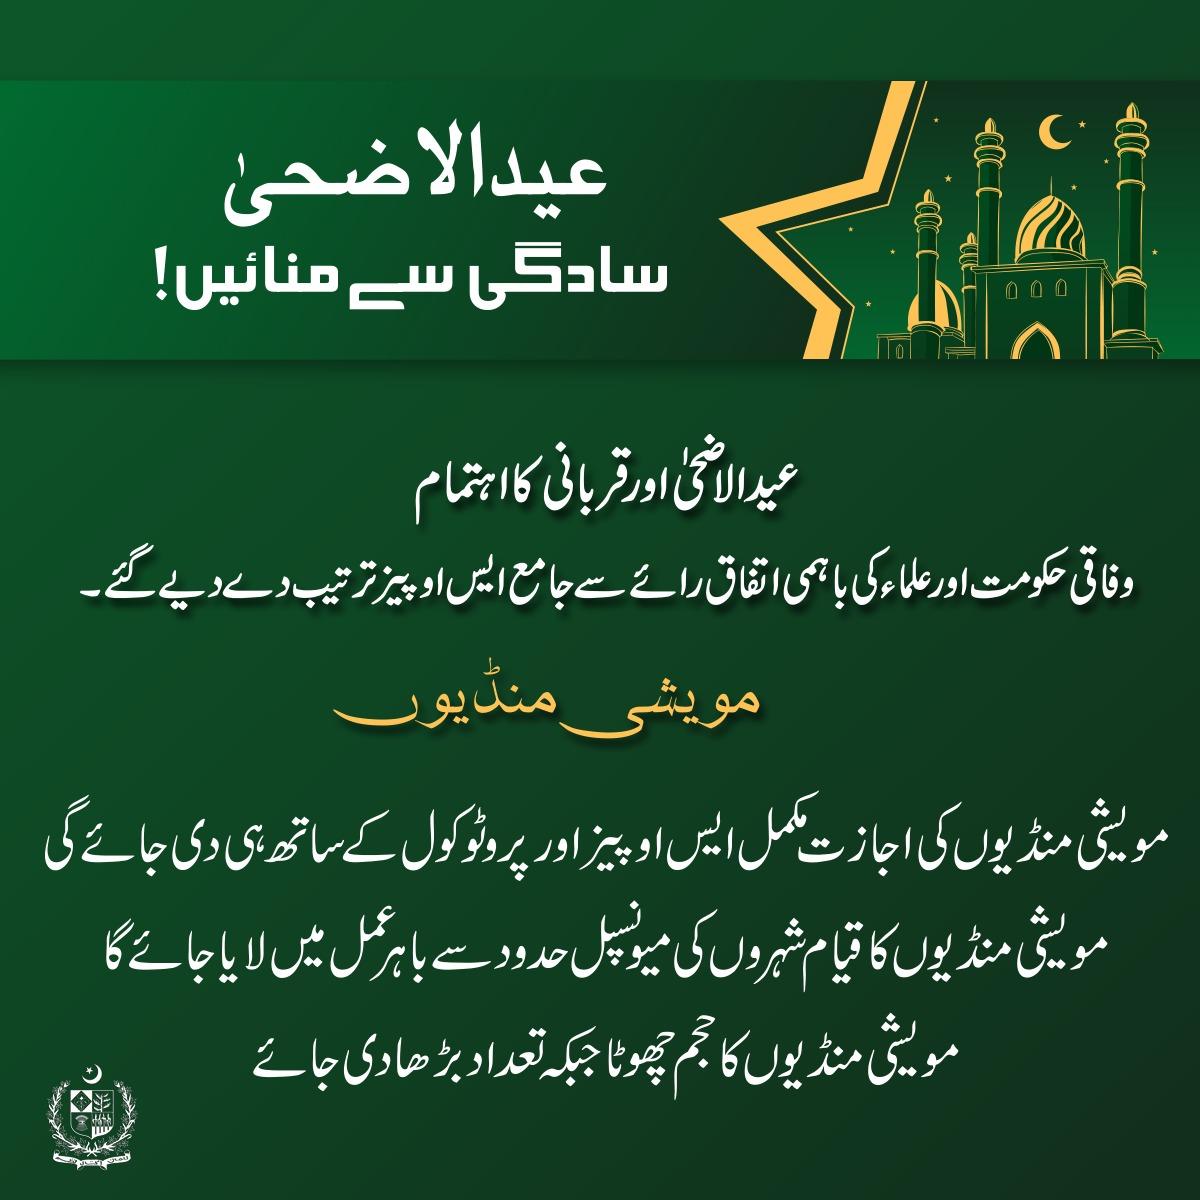 عید الاضحیٰ سادگی سے منائیں وفاقی حکومت اور علماء کی باہمی رائے سے جامع ایس او پیز ترتیب دے دیئے گئے ہیں۔ #Covid_19 #FollowCovidSafeSOPsOnEid #PakistanFightsCorona #CoronavirusOutbreak